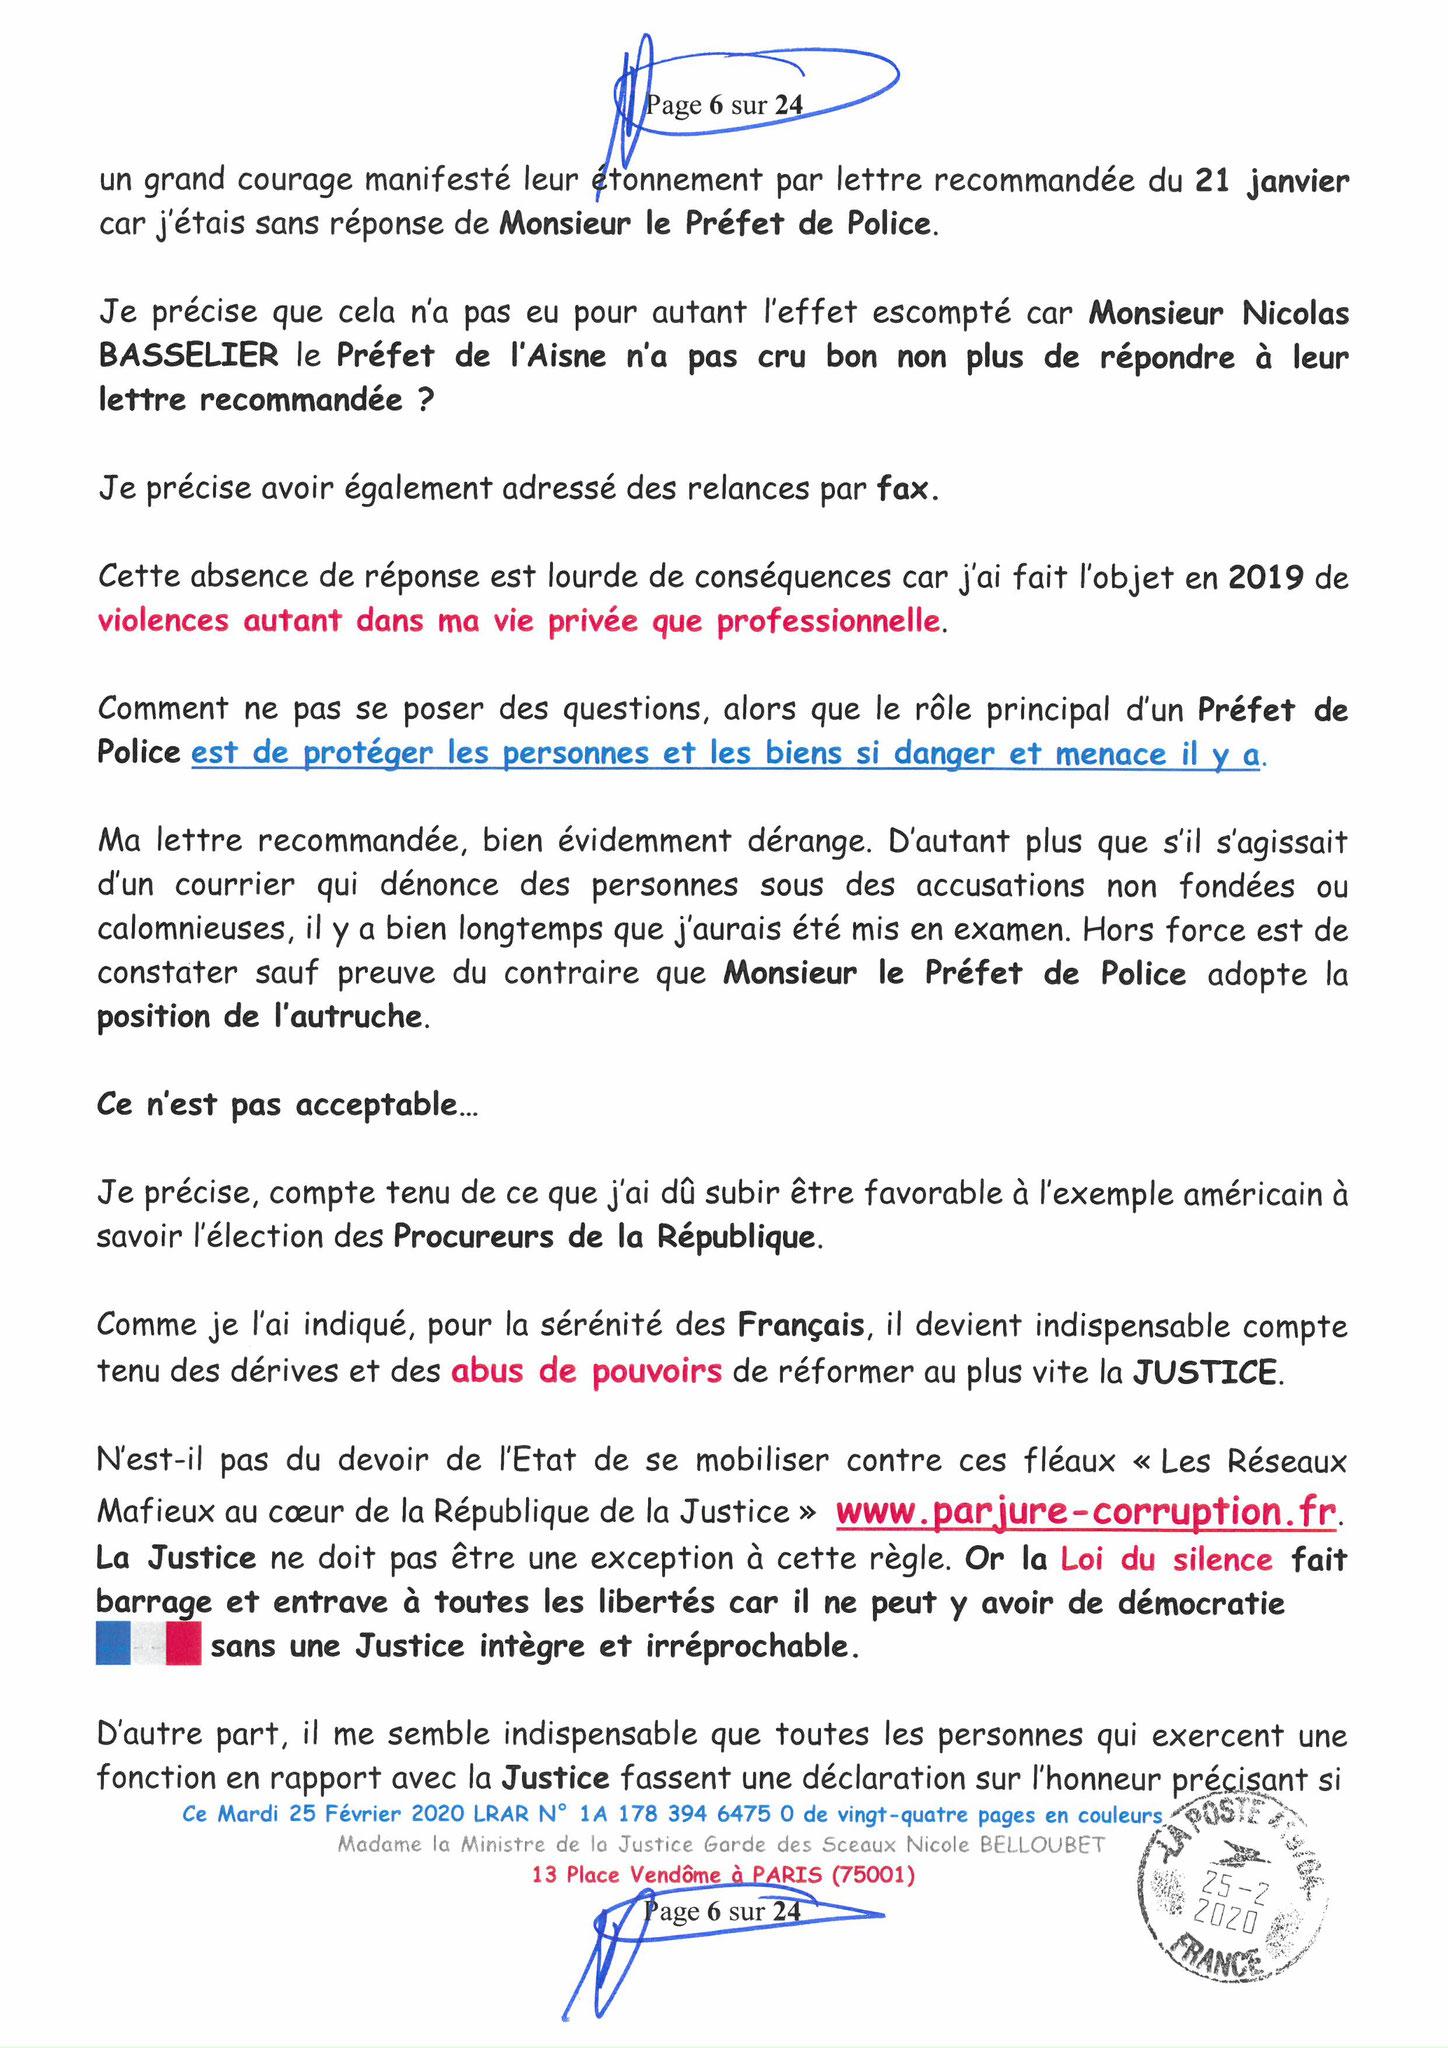 Ma LRAR à Madame Nicole BELLOUBET la Ministre de la Justice N0 1A 178 394 6475 0 Page 6 sur 24 en couleur  www.jesuispatrick.com www.jesuisvictime.fr www.alerte-rouge-france.fr